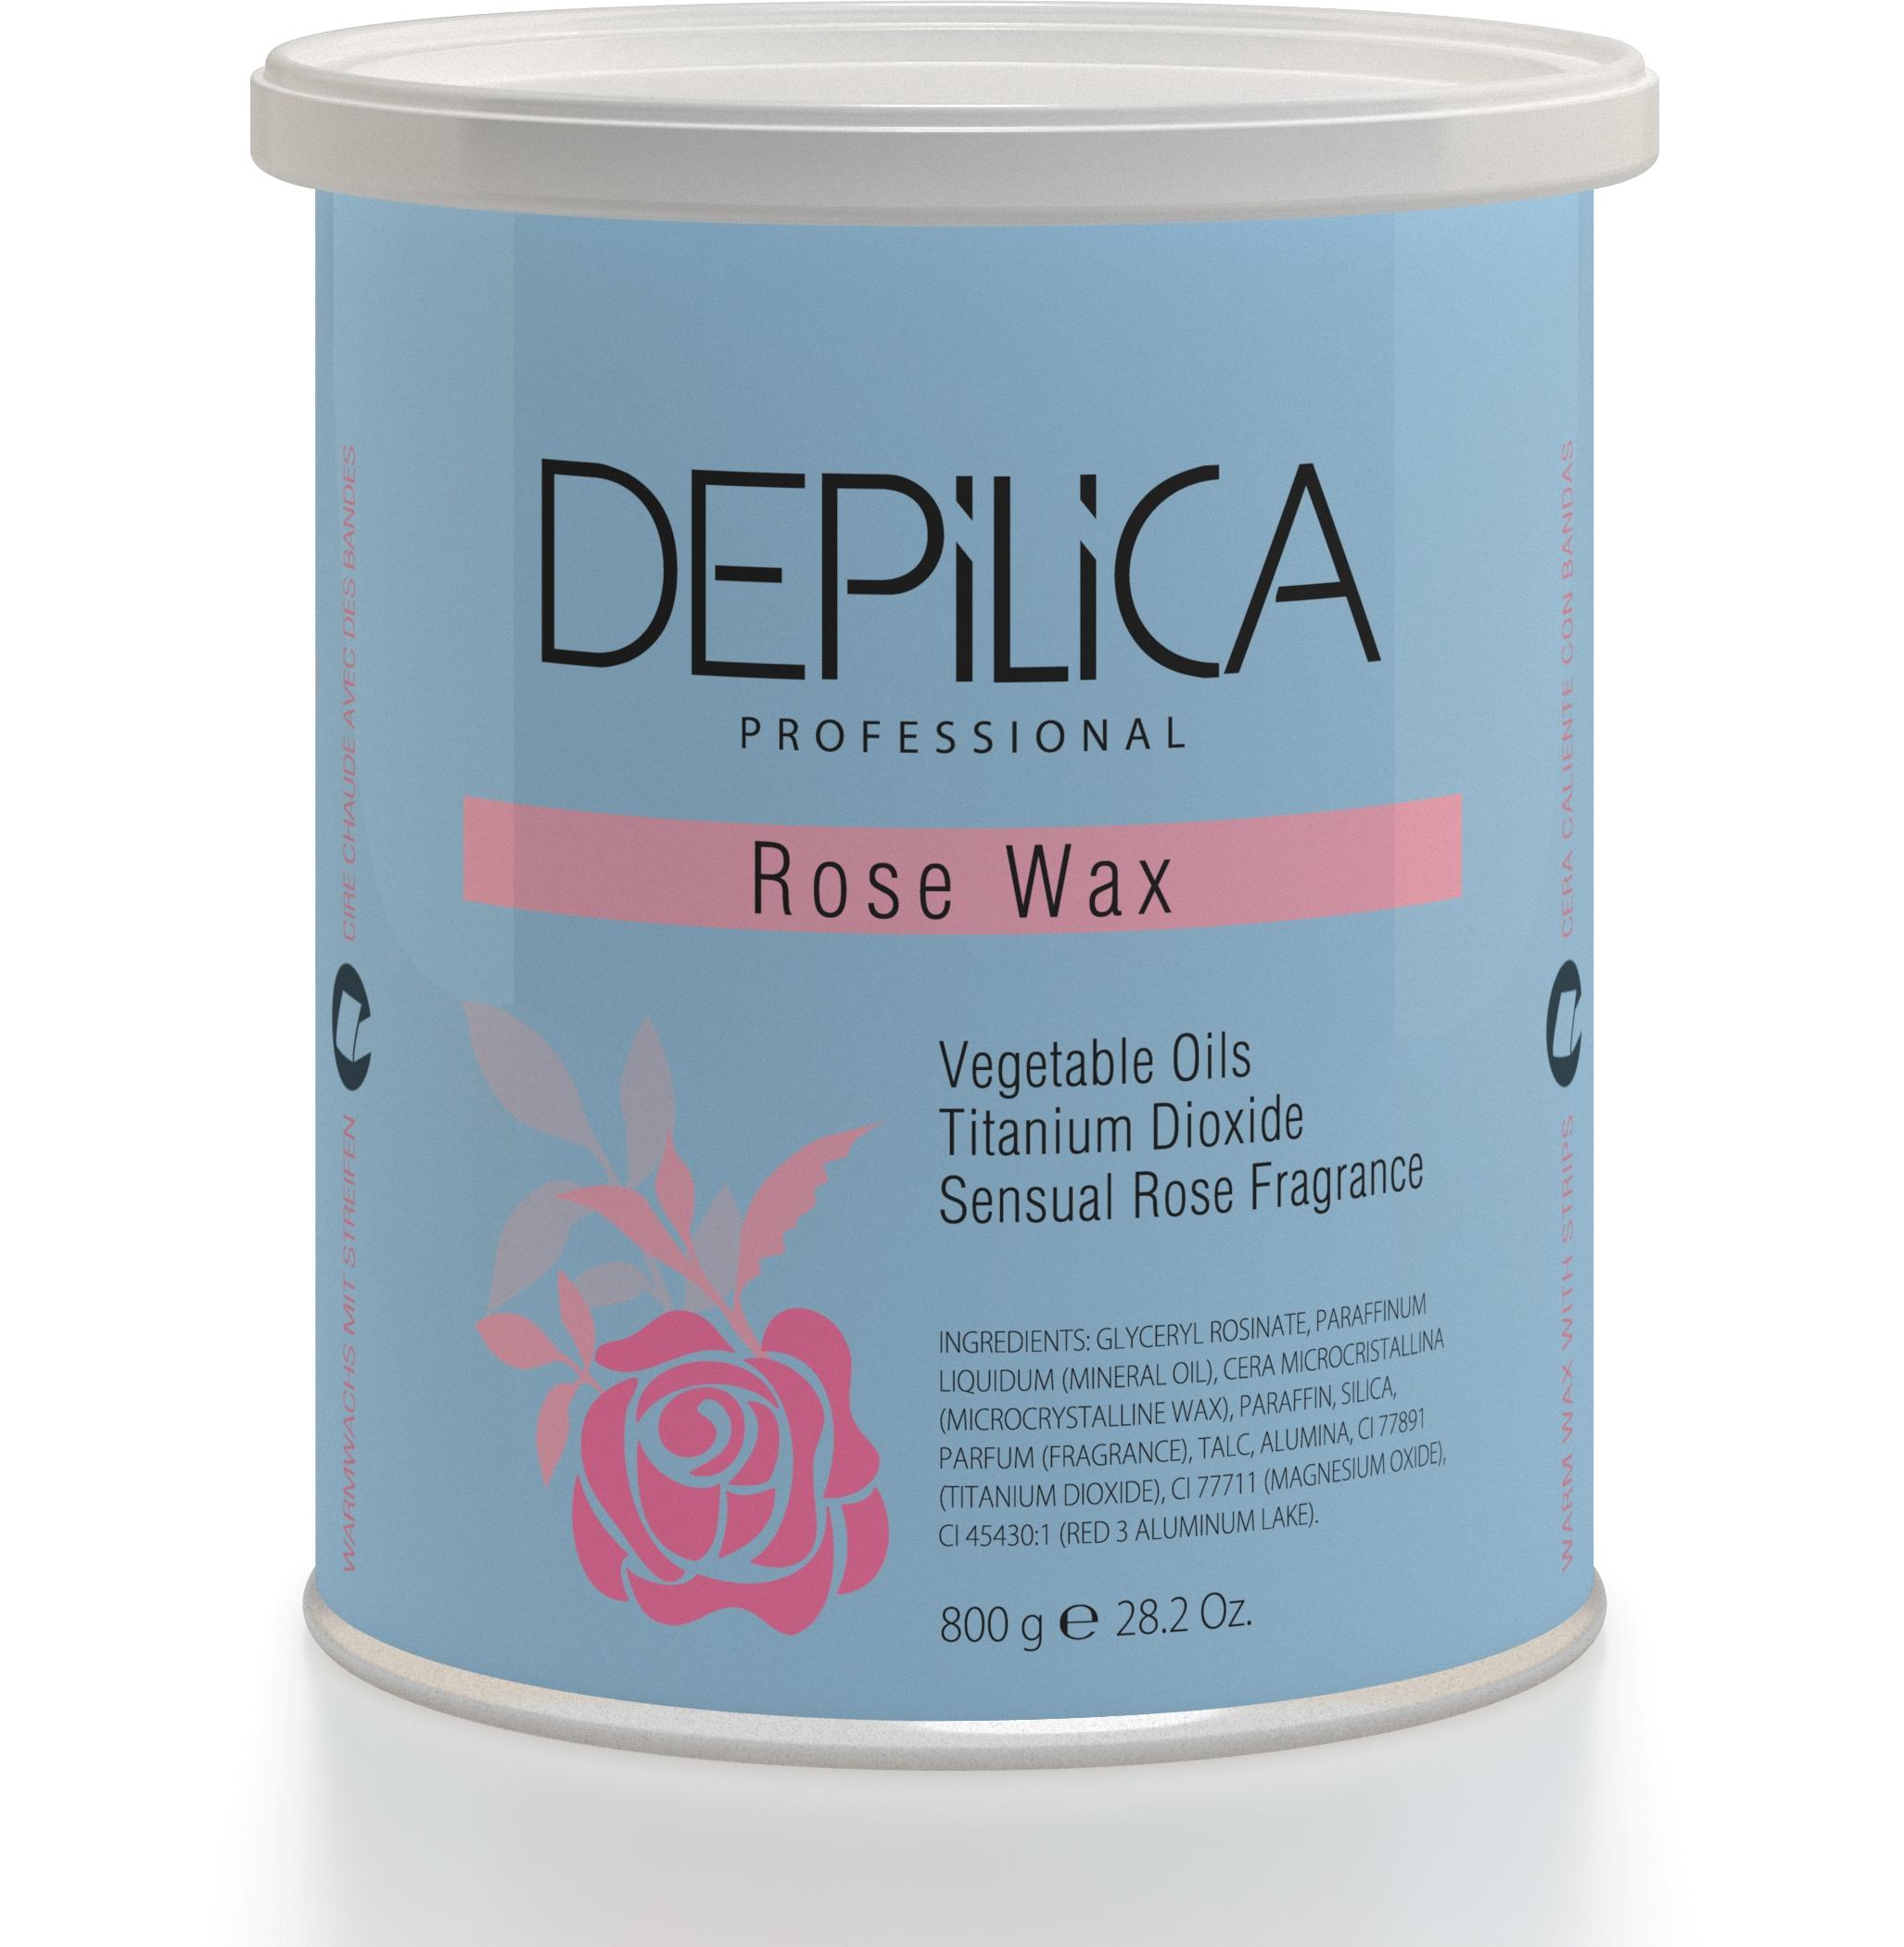 DEPILICA PROFESSIONAL Воск теплый Розовый / Rose Warm Wax 800грВоски<br>Содержит комплекс растительных масел и диоксид титана. Способствует уменьшению покраснений и неприятных ощущений во время процедуры, смягчает кожу. Обладает легкой кремовой текстурой и чувственным ароматом розы. Обеспечивает деликатный уход за кожей. Универсальные картриджи воска подходят для всех стандартных нагревателей. Они оснащены роликом-аппликатором что очень удобно для быстрого и чистого нанесения.<br>